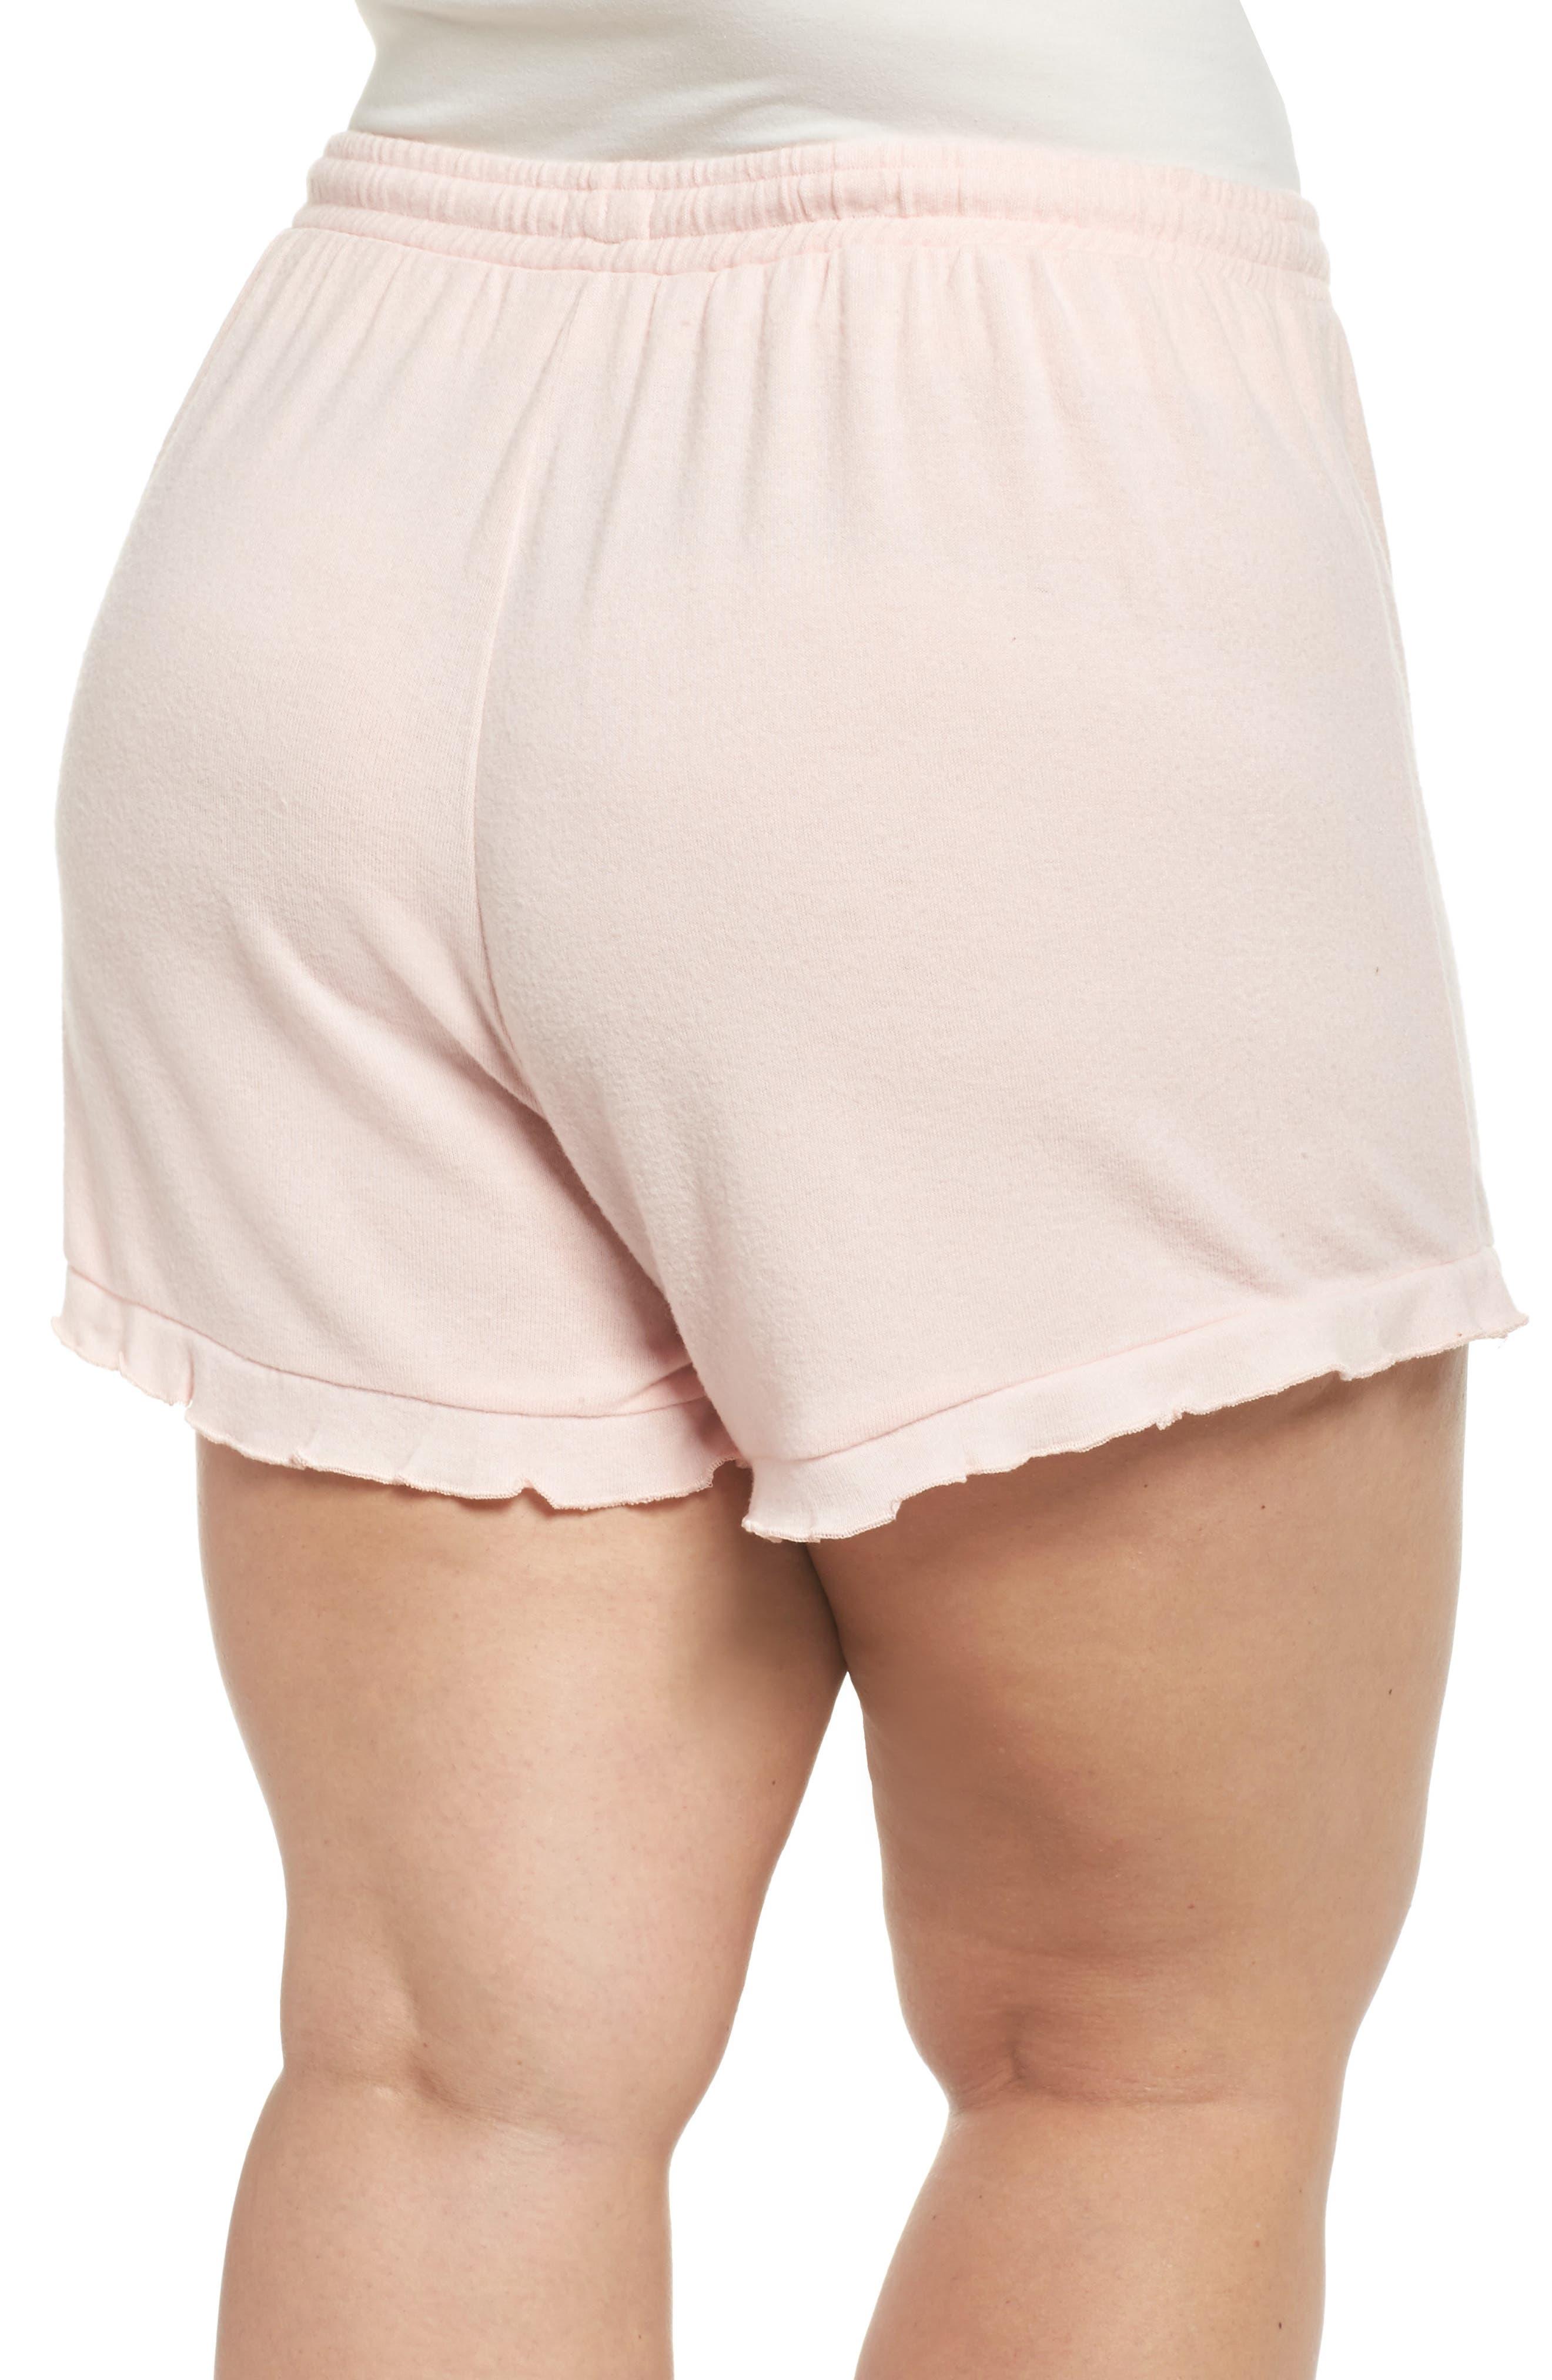 Ruffle Lounge Shorts,                             Alternate thumbnail 2, color,                             Blush